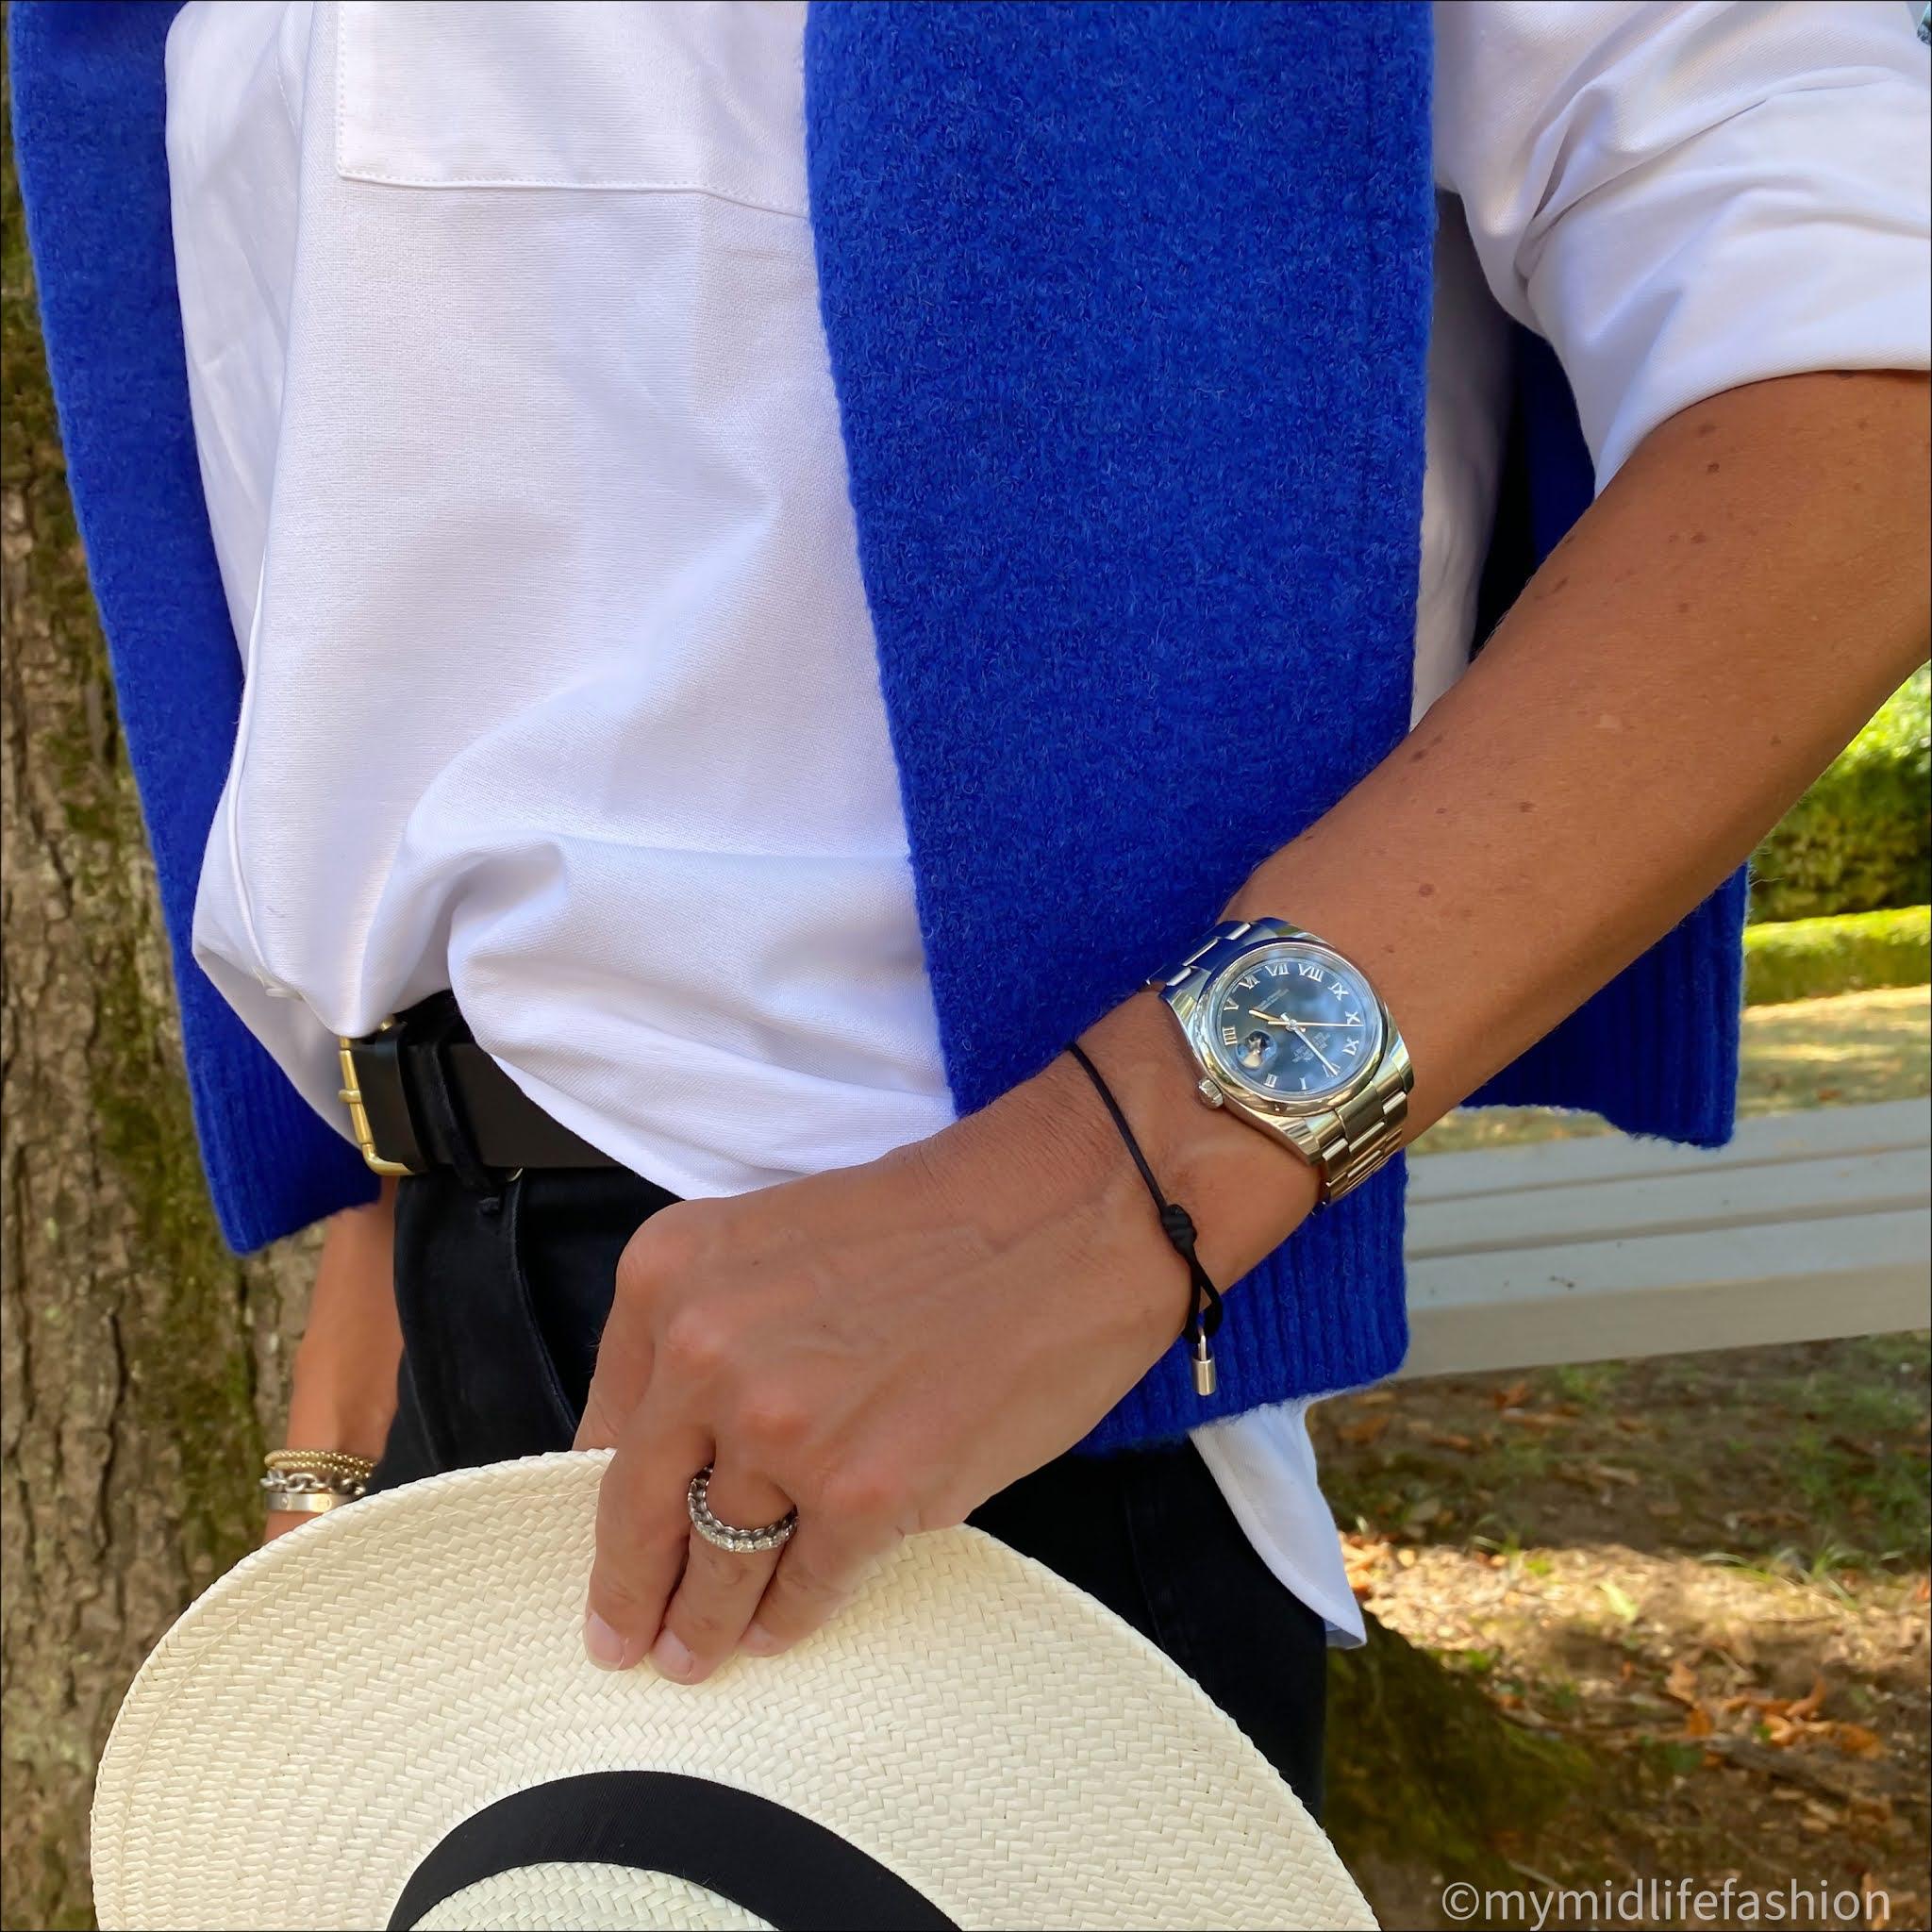 my midlife fashion, baukjen the boyfriend jeans, baukjen Rhiannon v neck jumper, buakjen heather organic cotton shirt, zara Panama hat, boden classic leather belt, Ancient Greek sandals